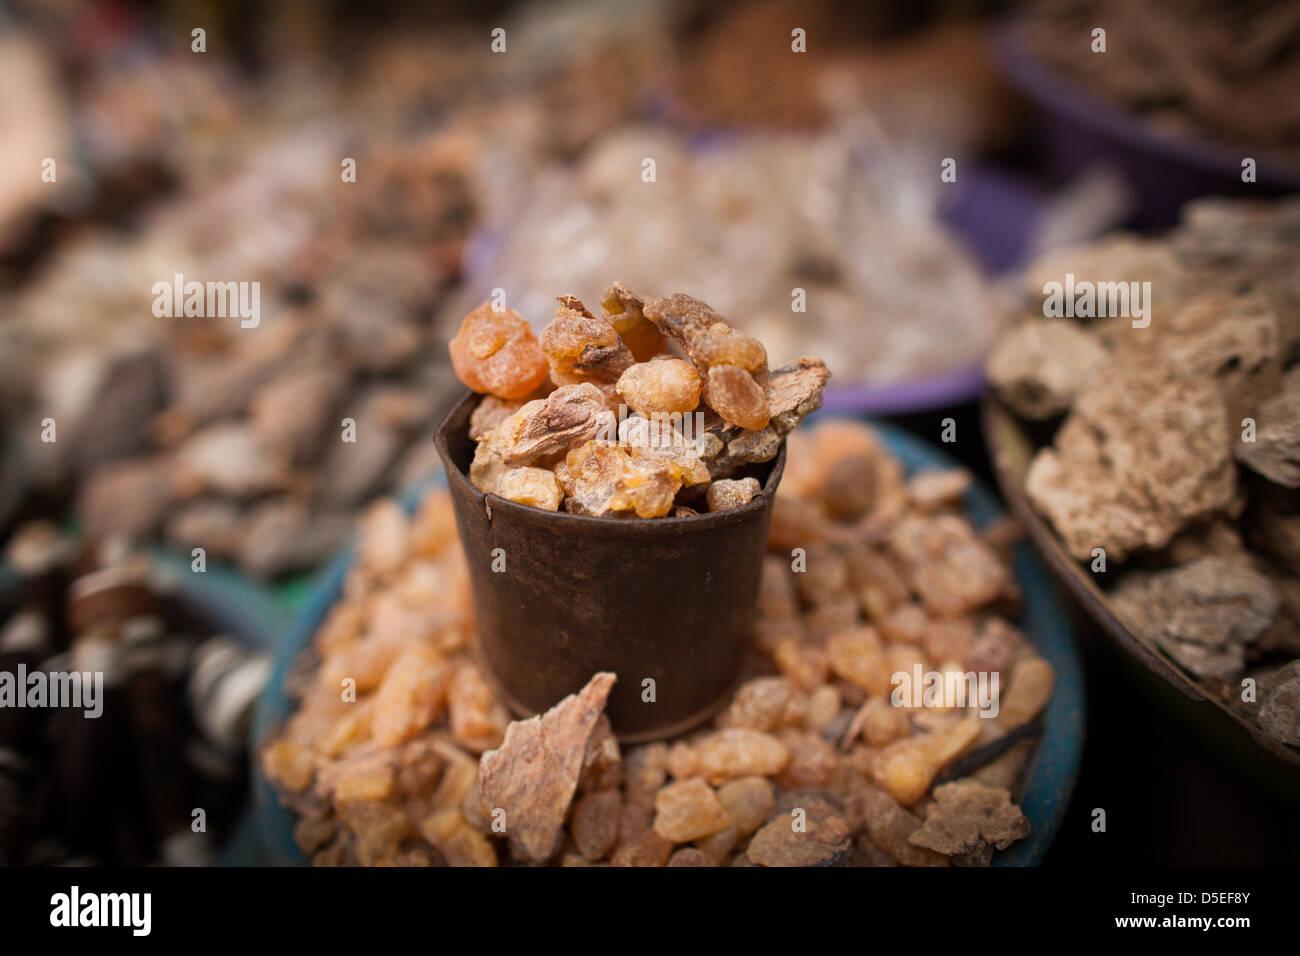 Diversas medicinas tradicionales, incluidas la mirra, en el mercado maderero, Accra, Ghana. Imagen De Stock